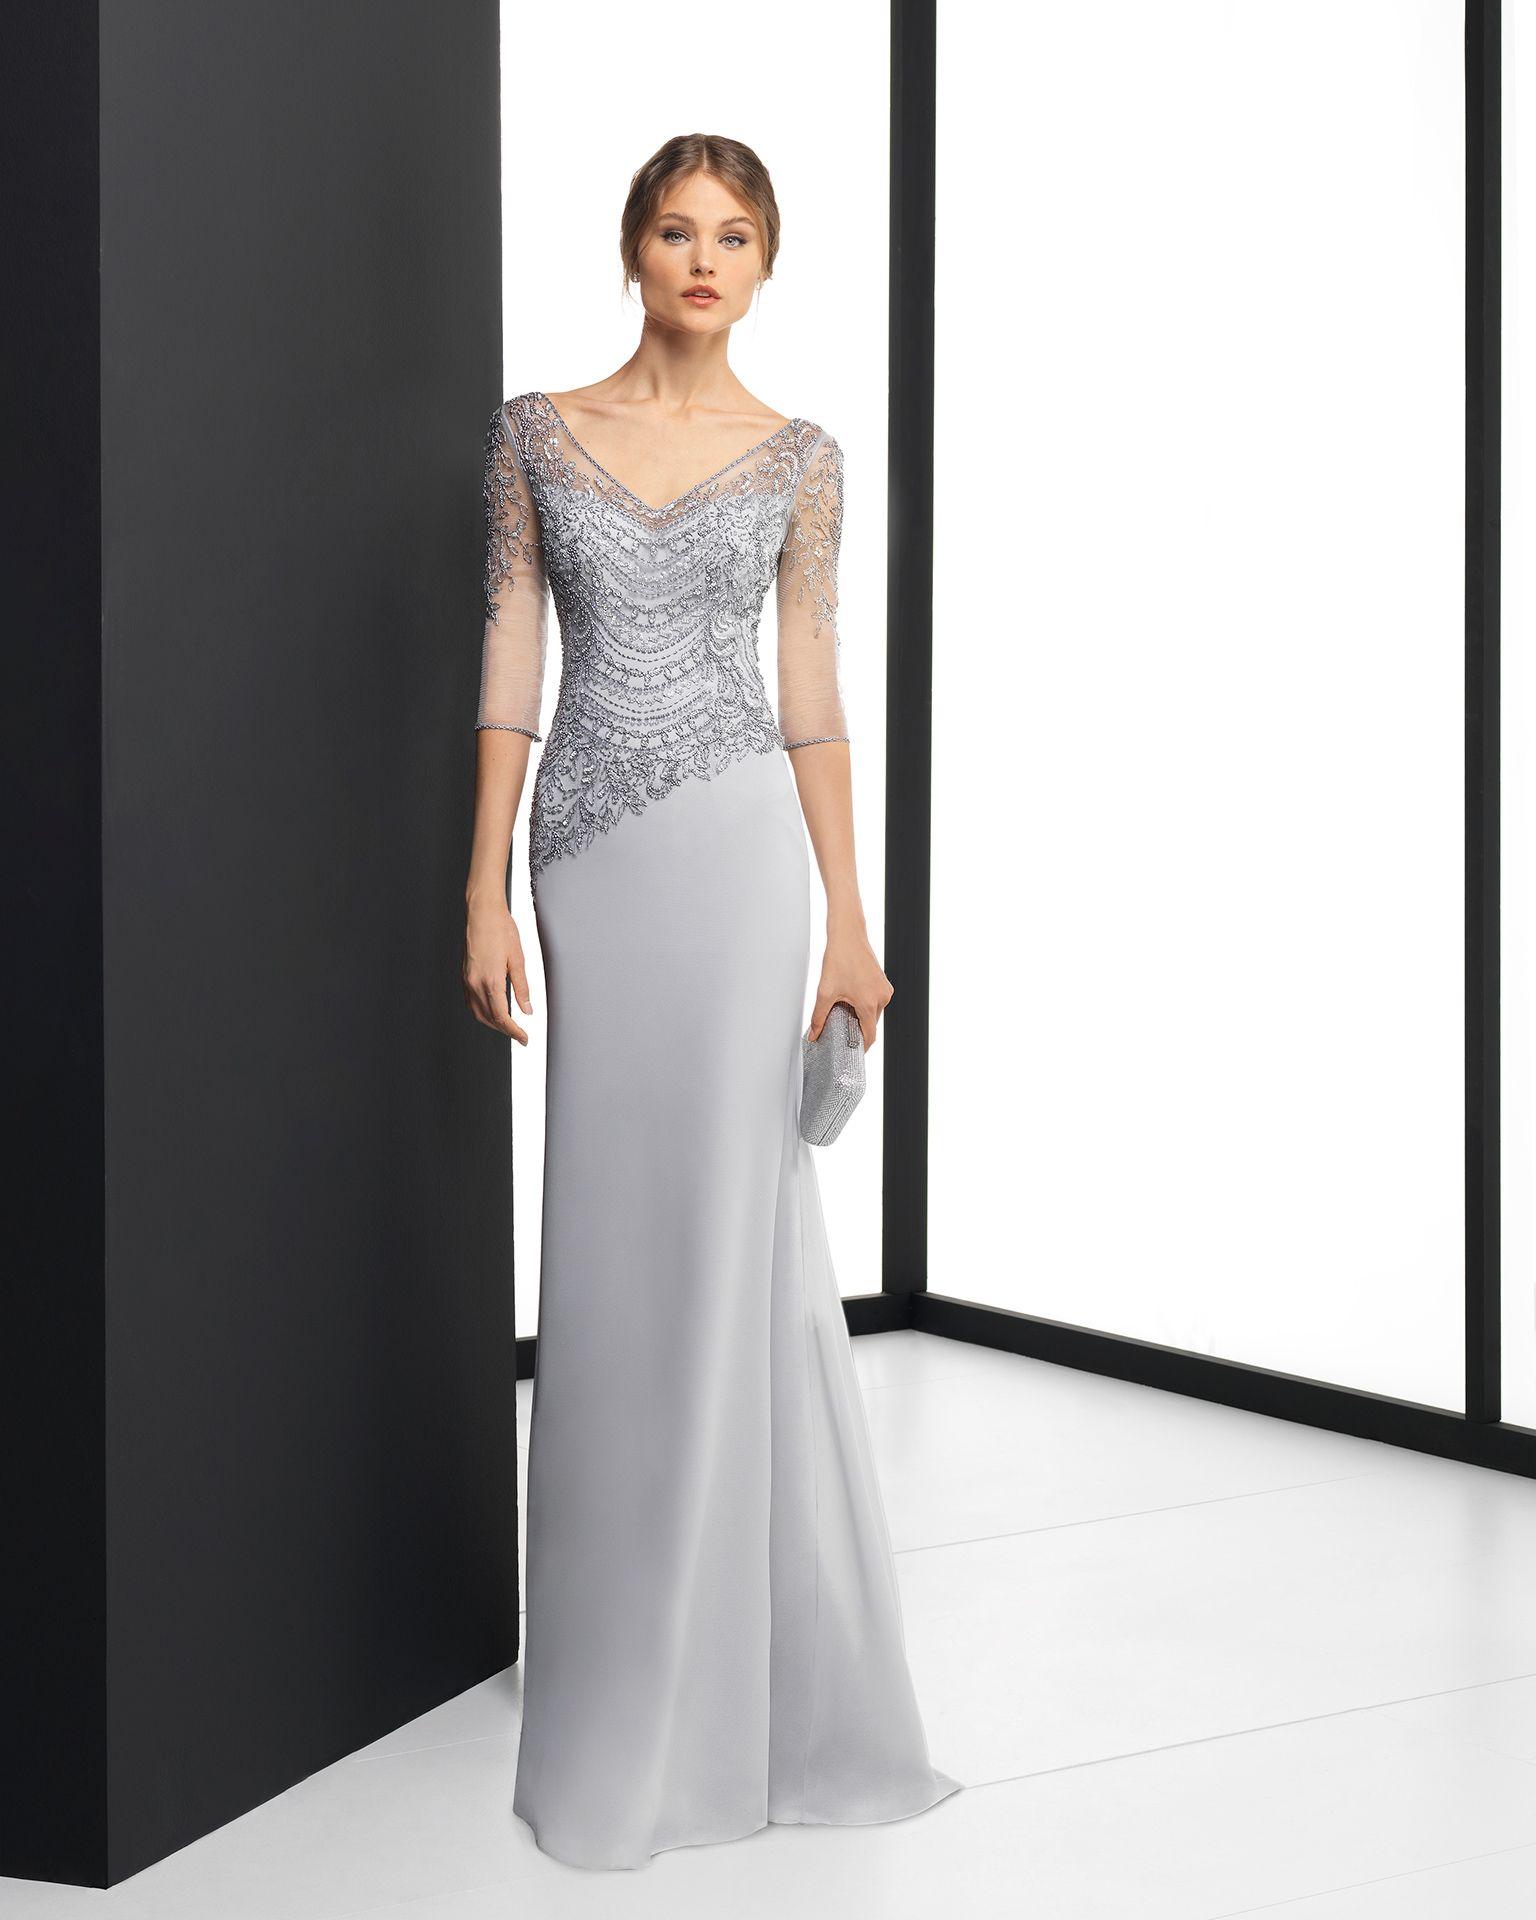 Vestidos para bodas de plata 2019